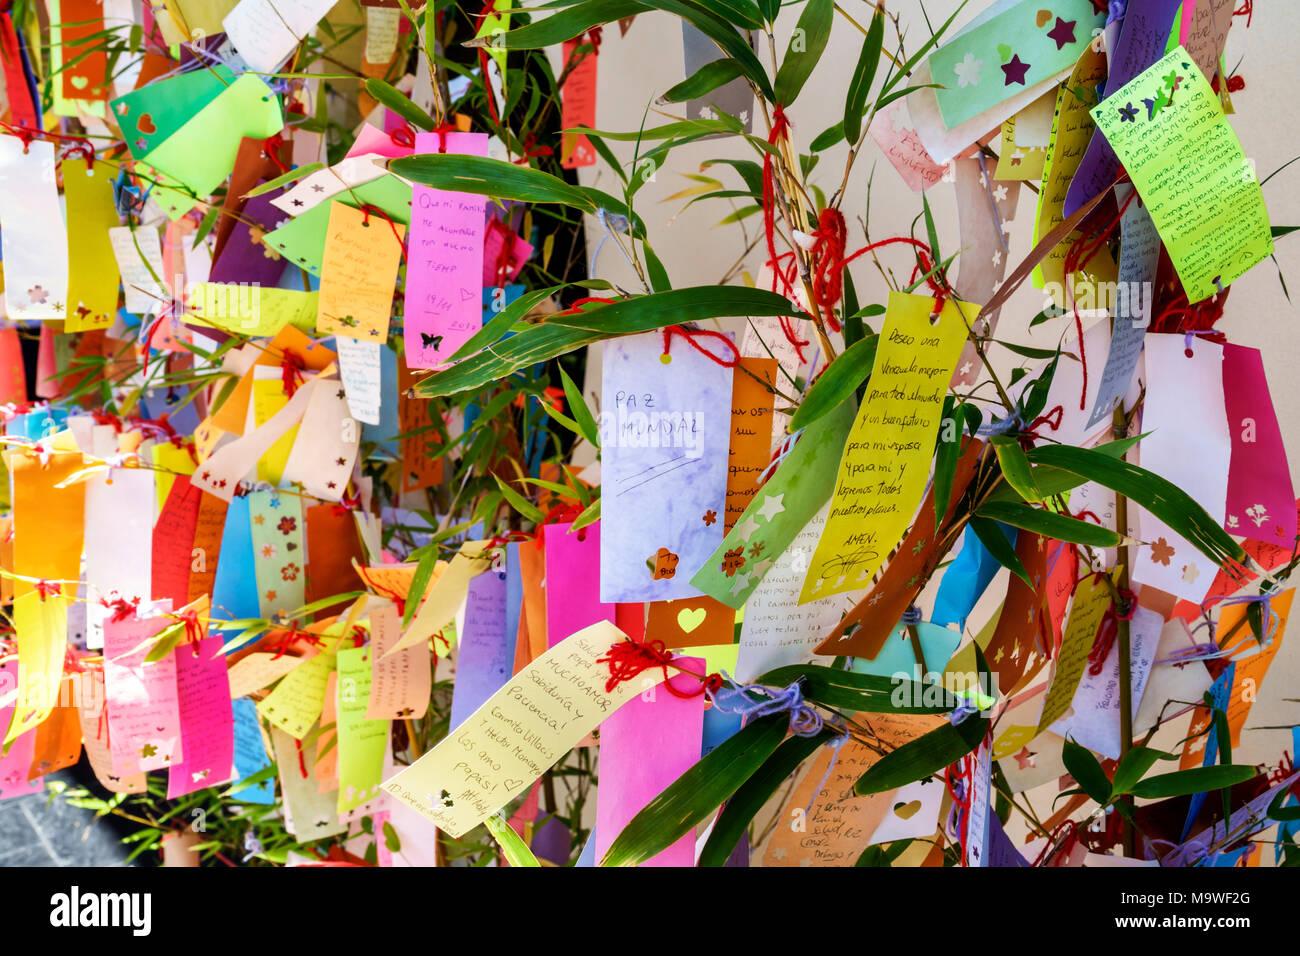 Argentine, Buenos Aires, Recoleta, jardin japonais, jardin japonais, botanique, arbre de souhaits, Tanzaku suspendu sur bambou, papier coloré, visite guidée Banque D'Images